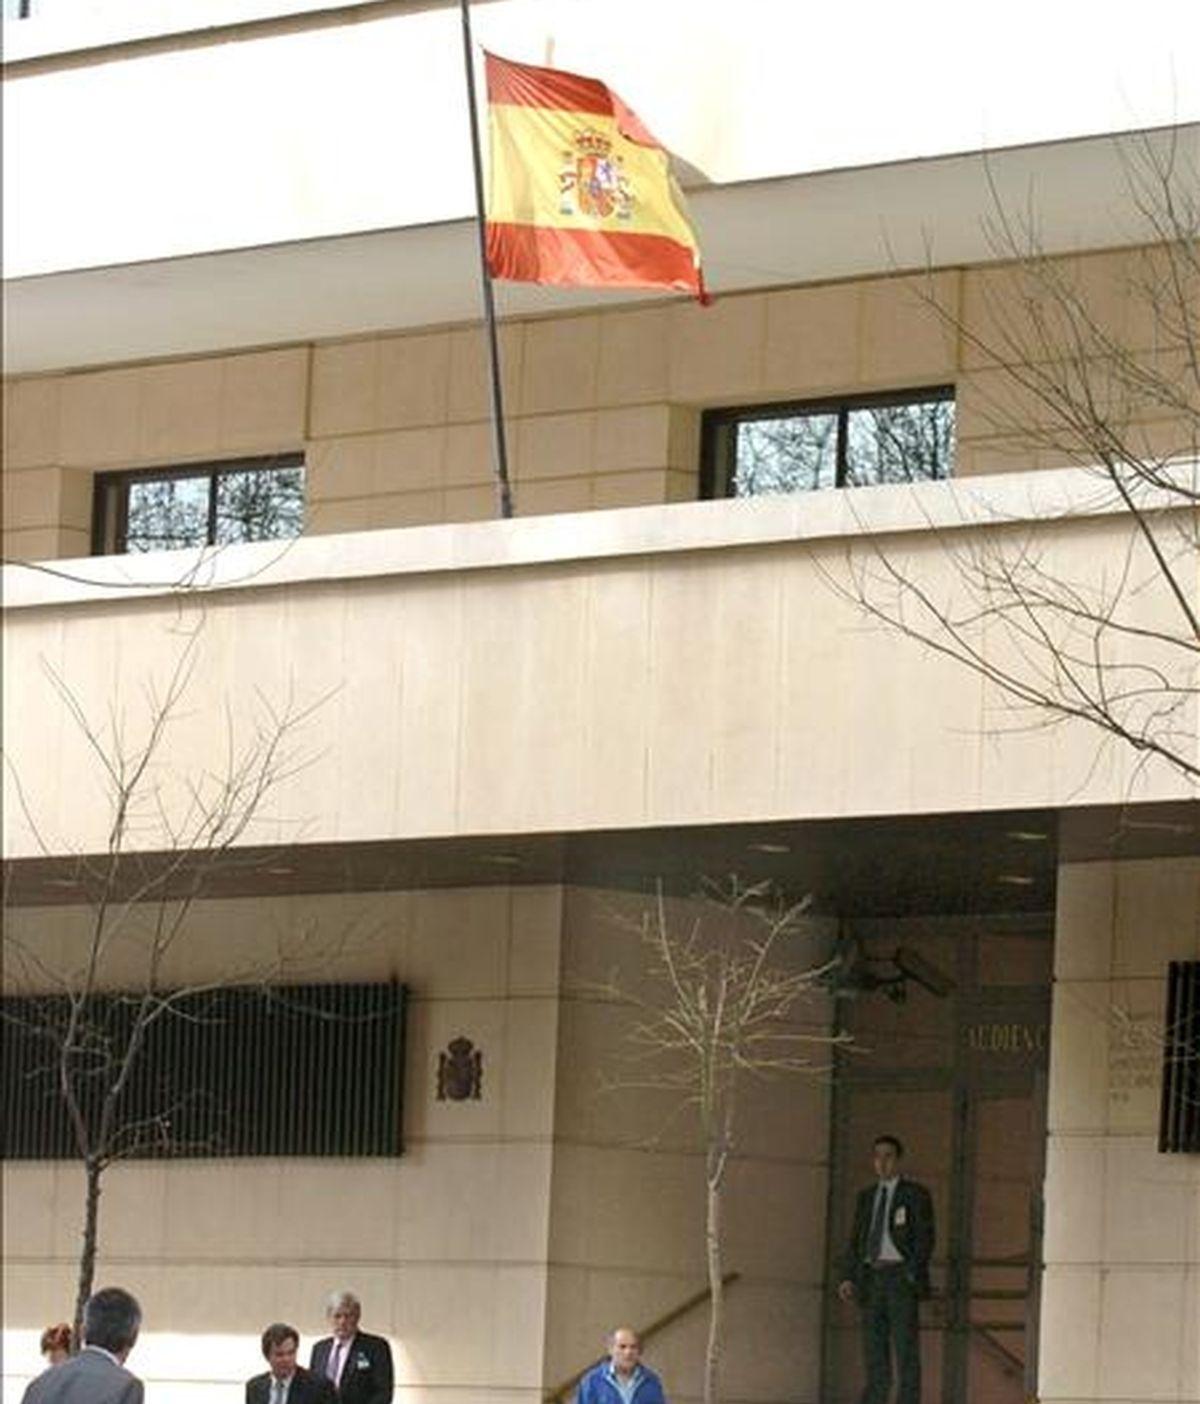 La Audiencia Nacional ha condenado a la miembro de los GRAPO Gemma Belén Rodríguez Miguel a siete años de cárcel por participar en el atraco a un furgón blindado de Prosegur en el centro comercial de Valle Real, en Maliaño, el 6 de noviembre de 2001, cuya recaudación de ese día ascendía a 68.725 euros. EFE/Archivo